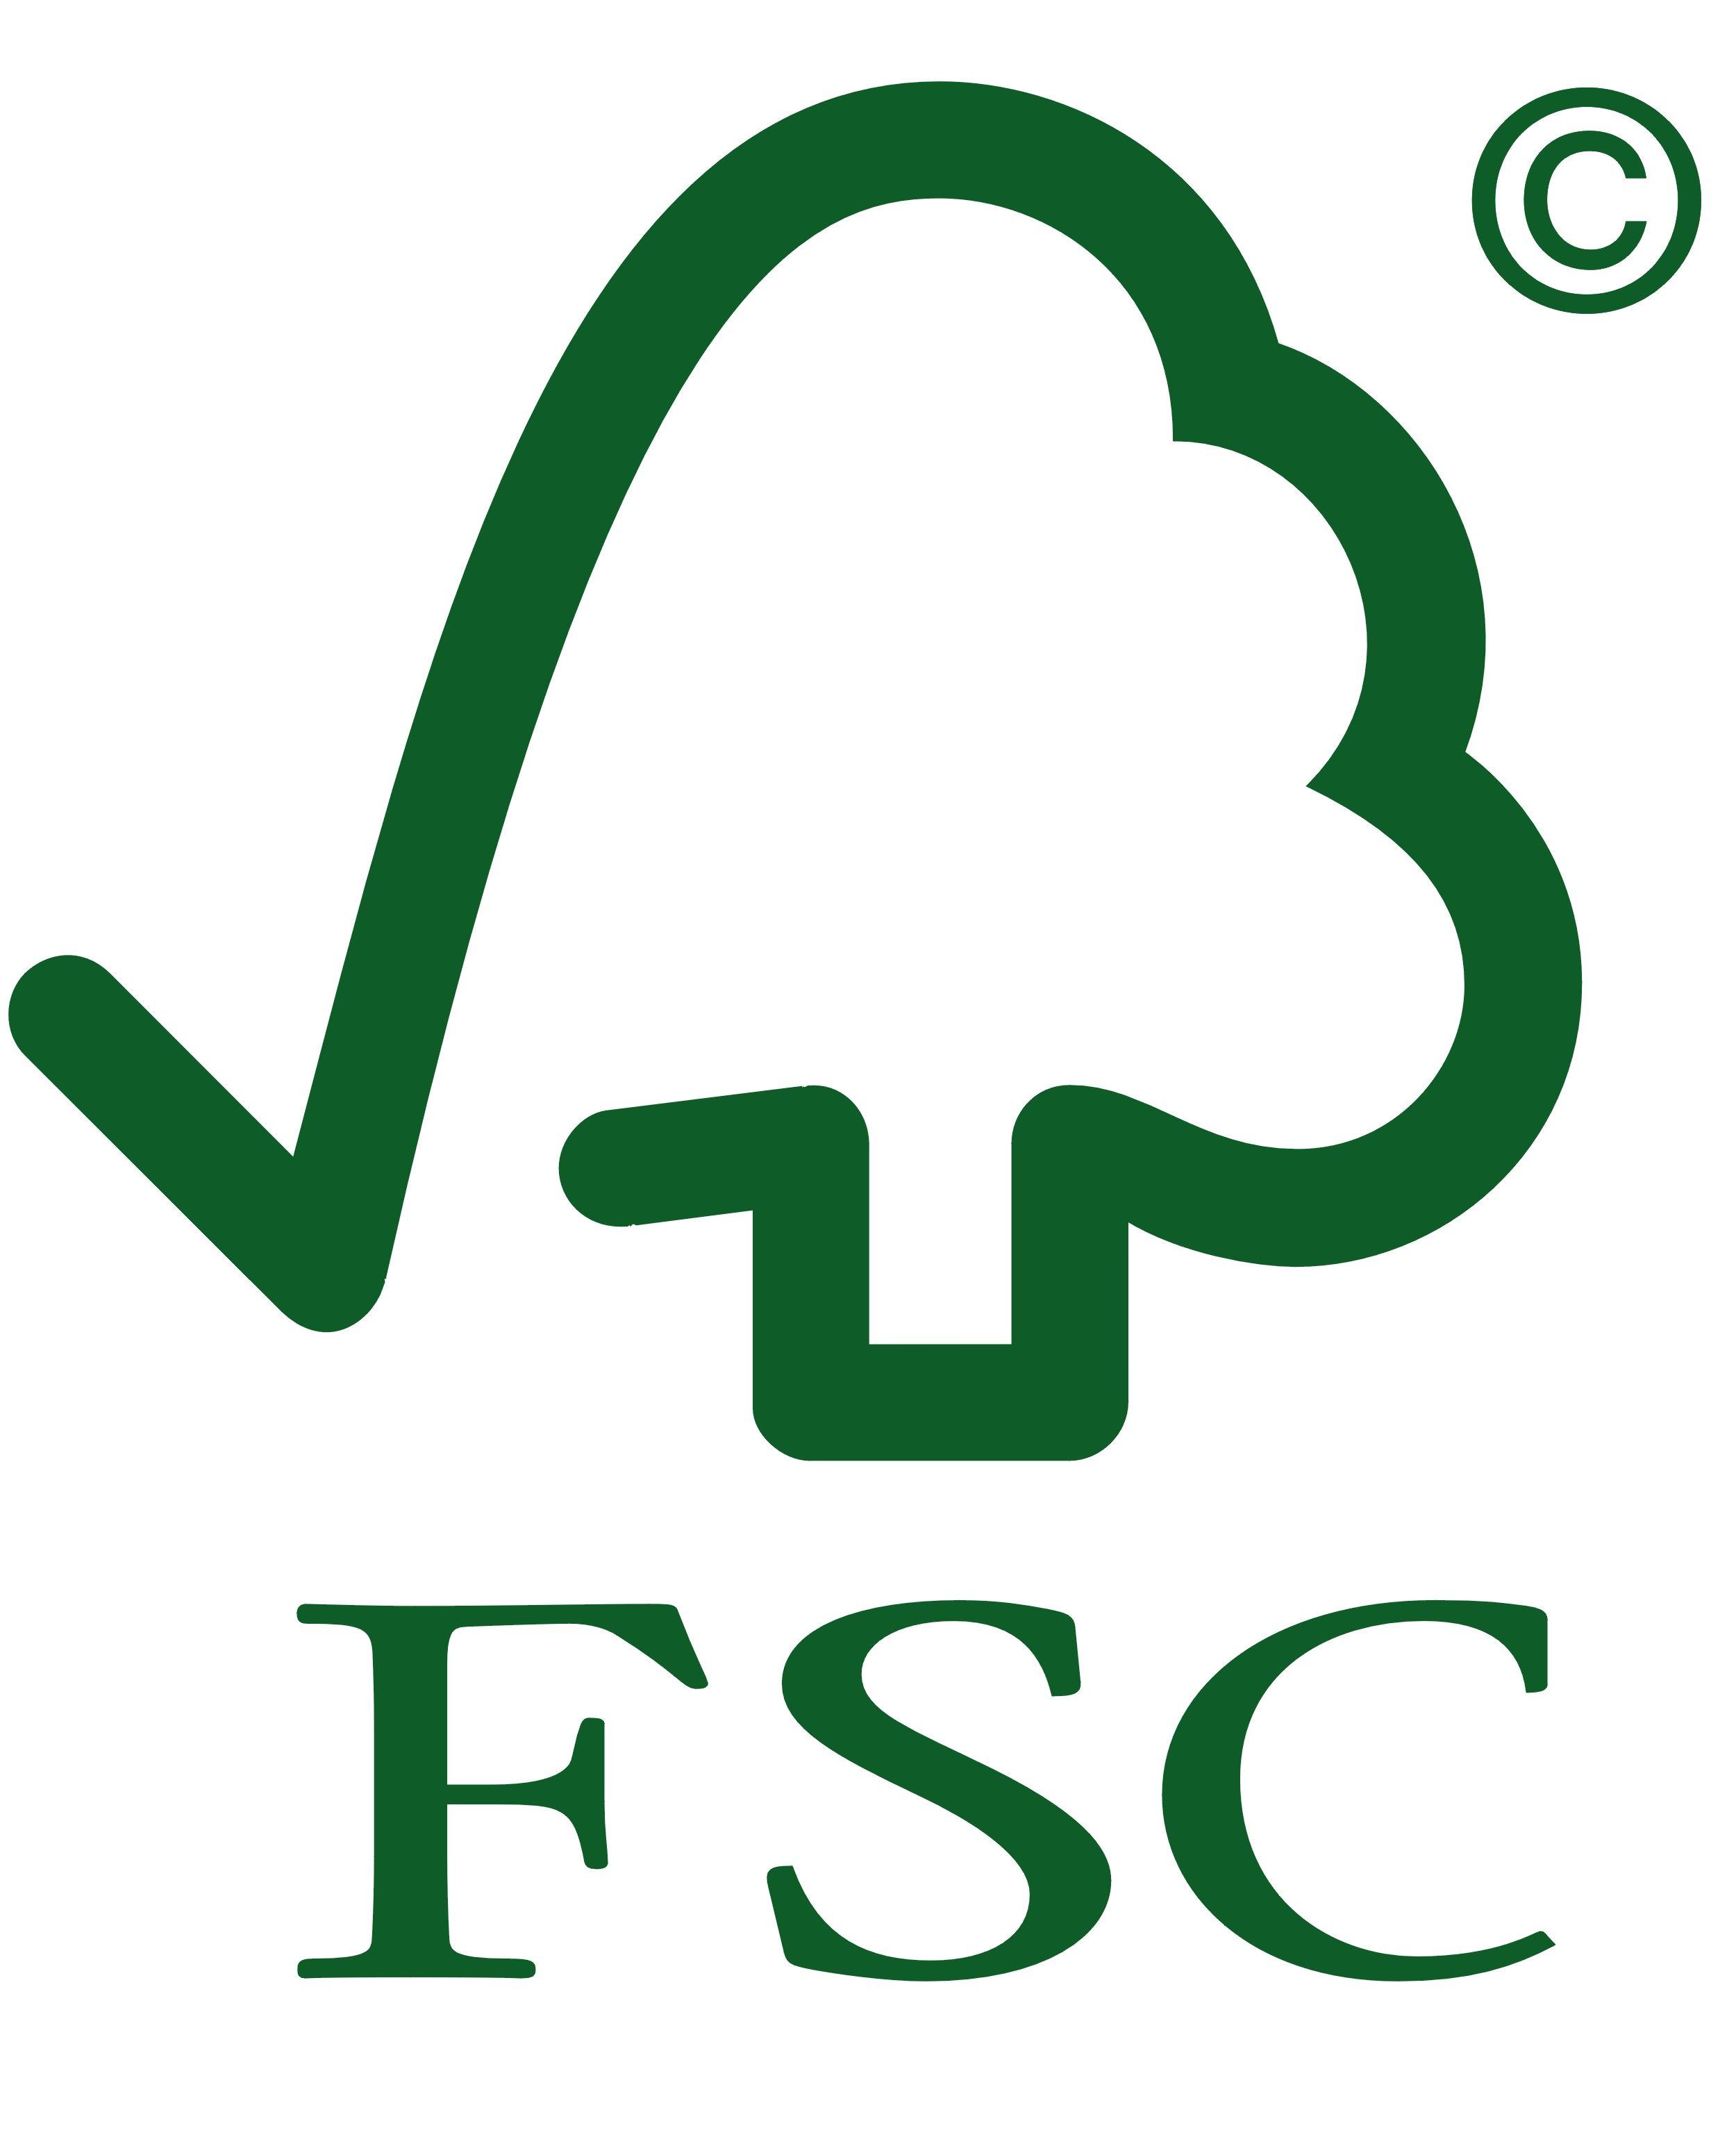 Cantello Torino - FSC ®  è un'organizzazione non governativa internazionale che promuove un utilizzo responsabile delle risorse forestali.